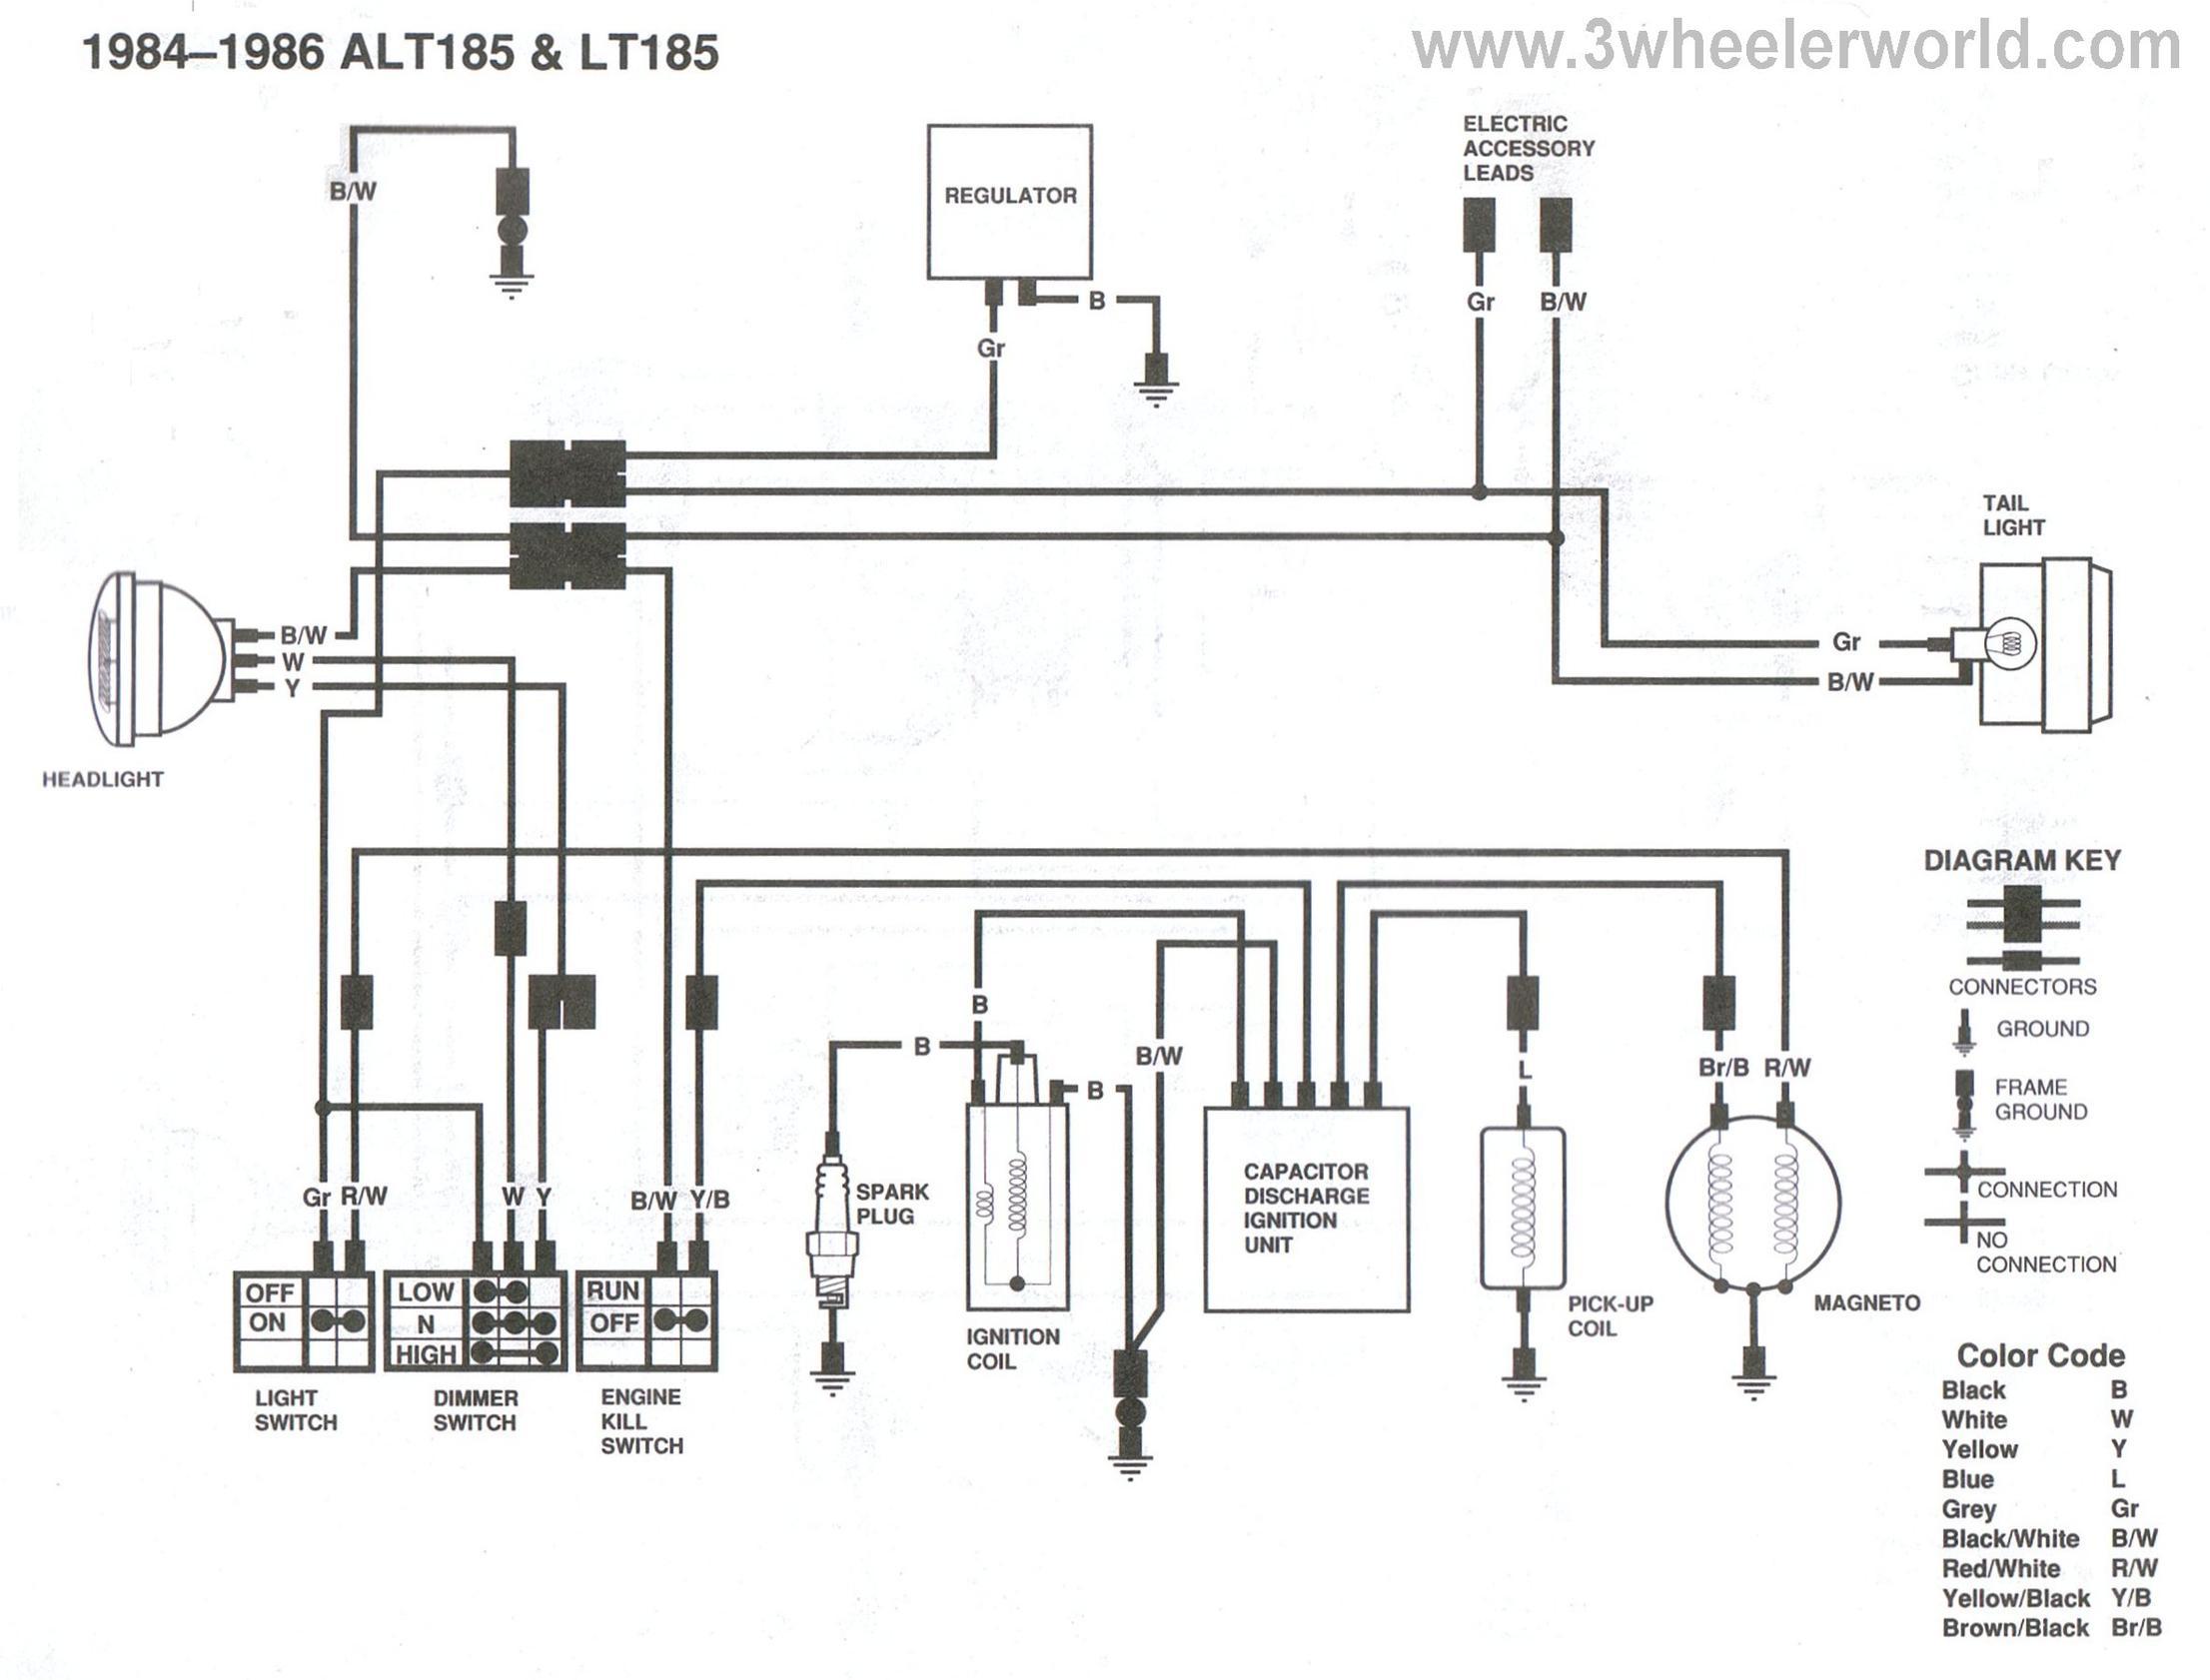 3WHeeLeR WoRLD - Suzuki ALT185